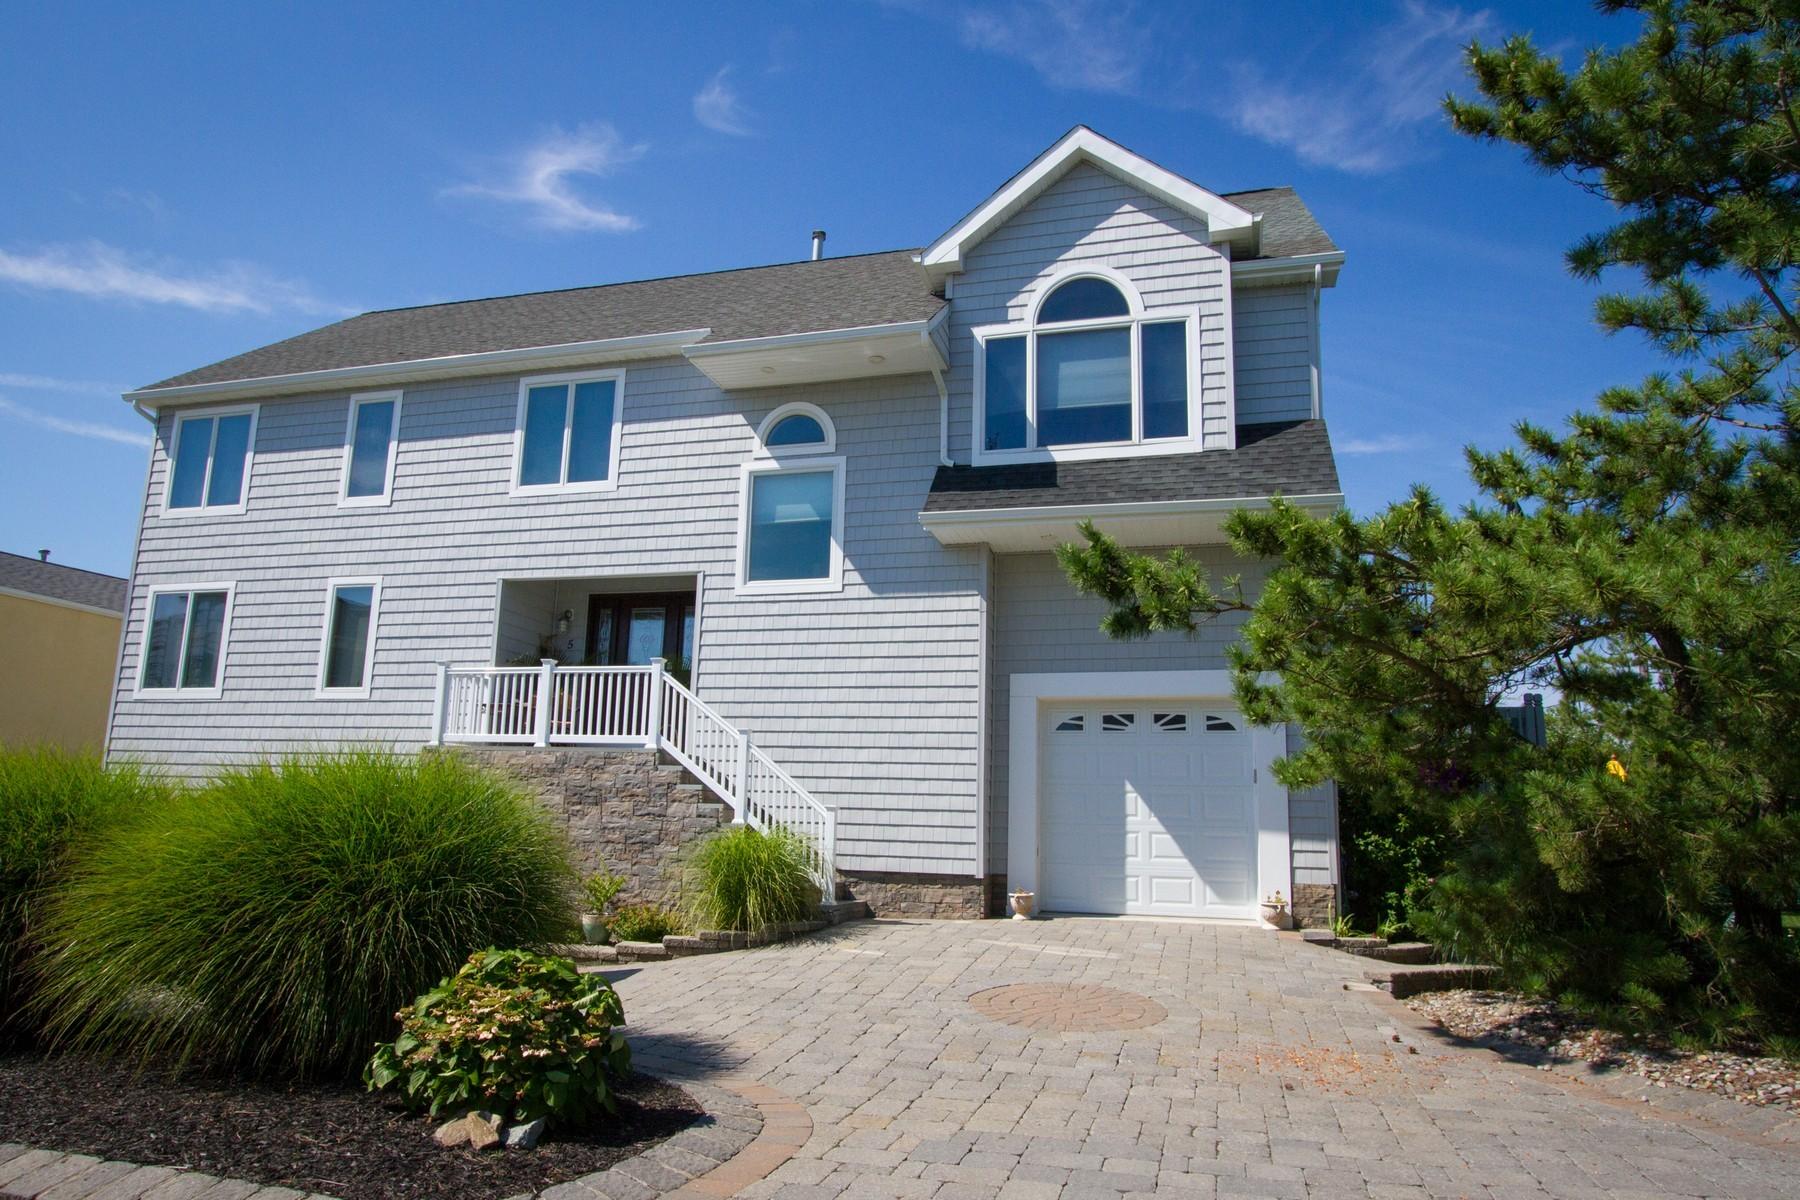 一戸建て のために 売買 アット Every home is a masterpiece 5 Sunset Lane Monmouth Beach, ニュージャージー, 07750 アメリカ合衆国